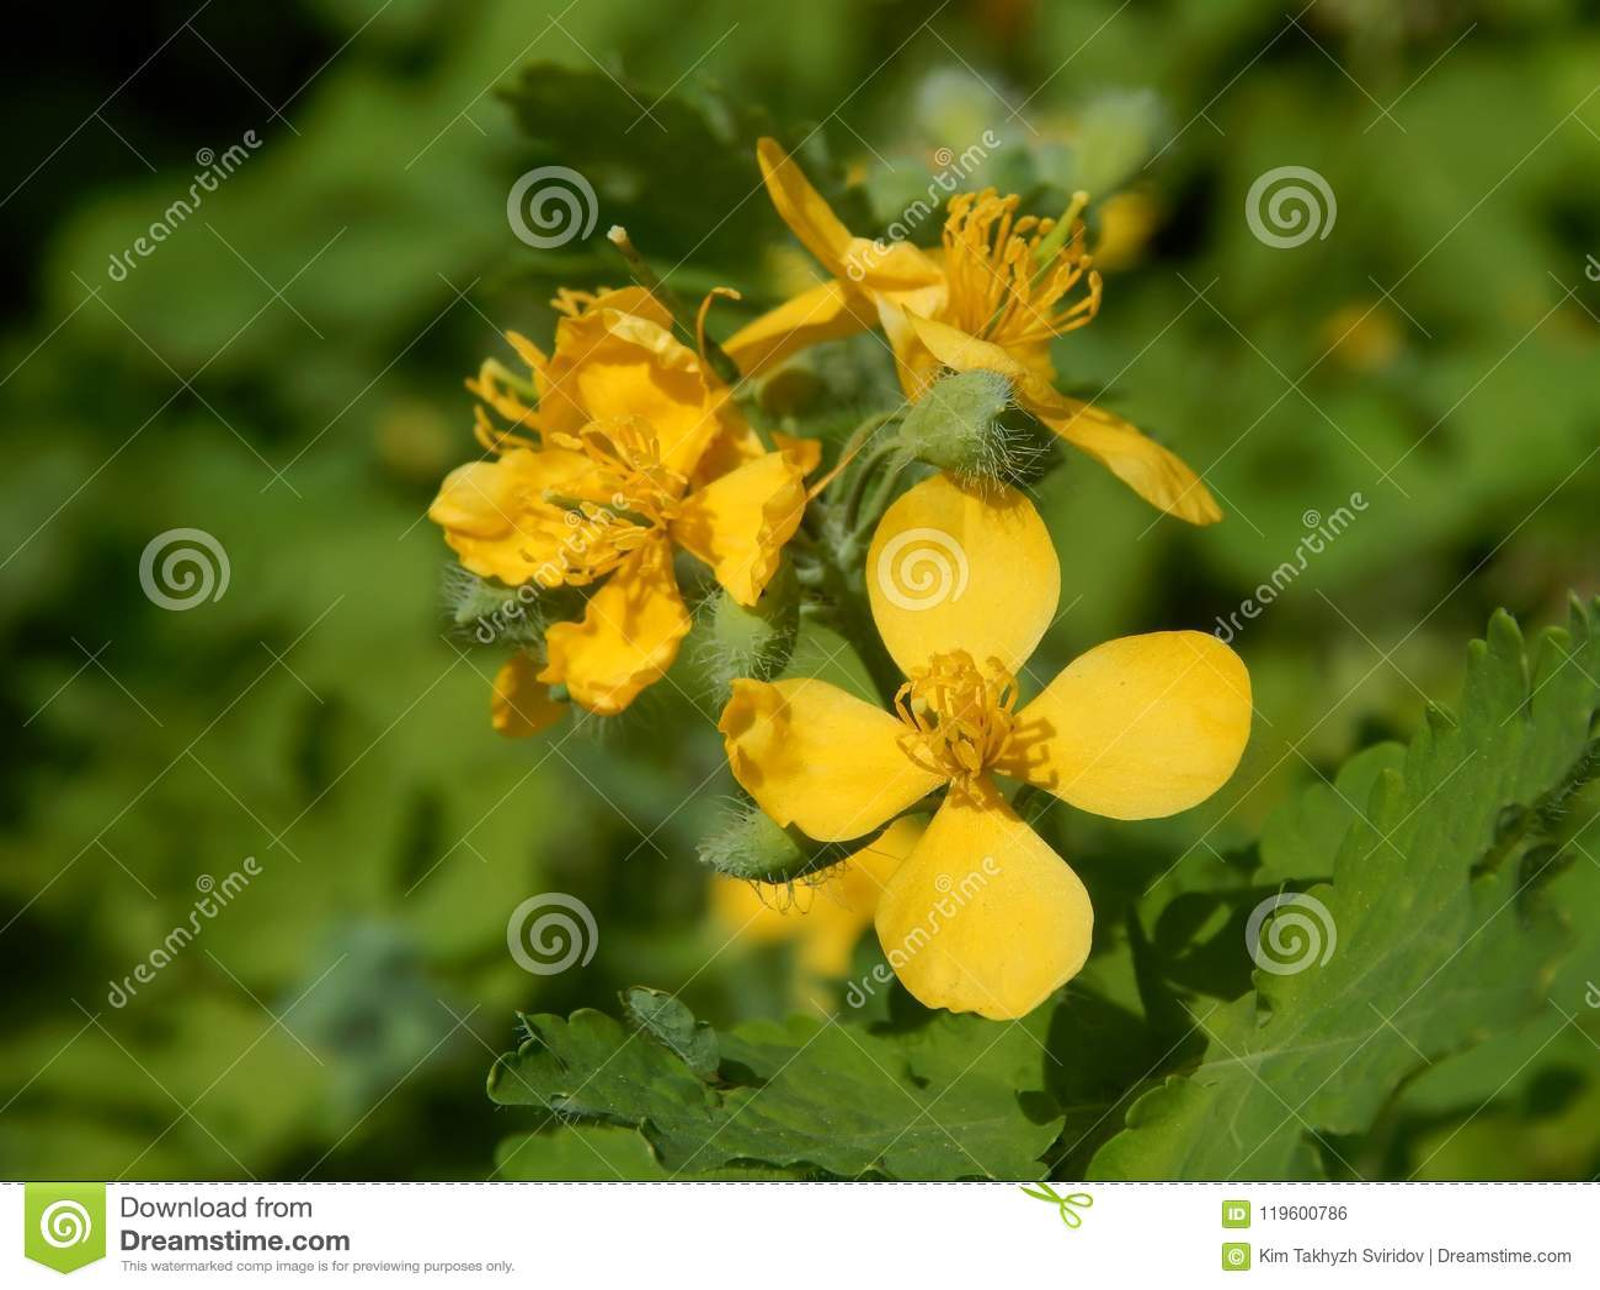 Las Flores Amarillas De Plantas Medicinales Son Celandine Foto De